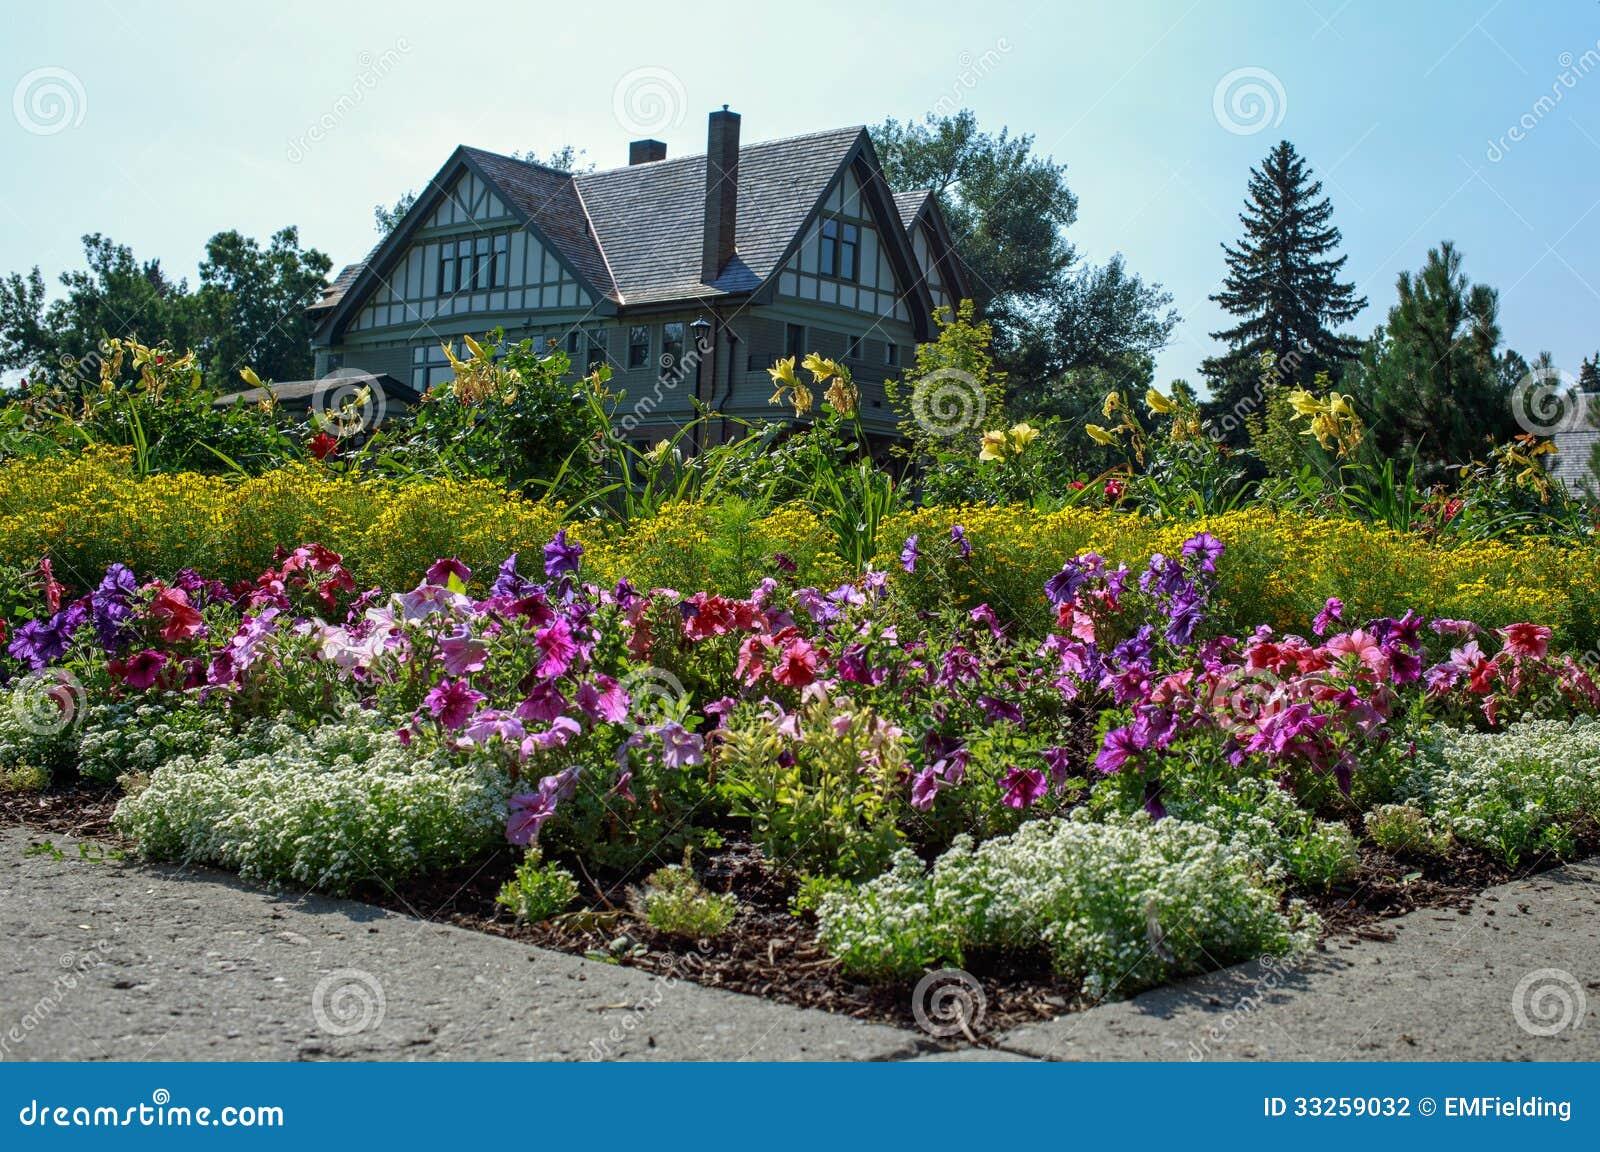 Casa y jardines hermosos foto de archivo imagen de bloque - Casas con jardines bonitos ...